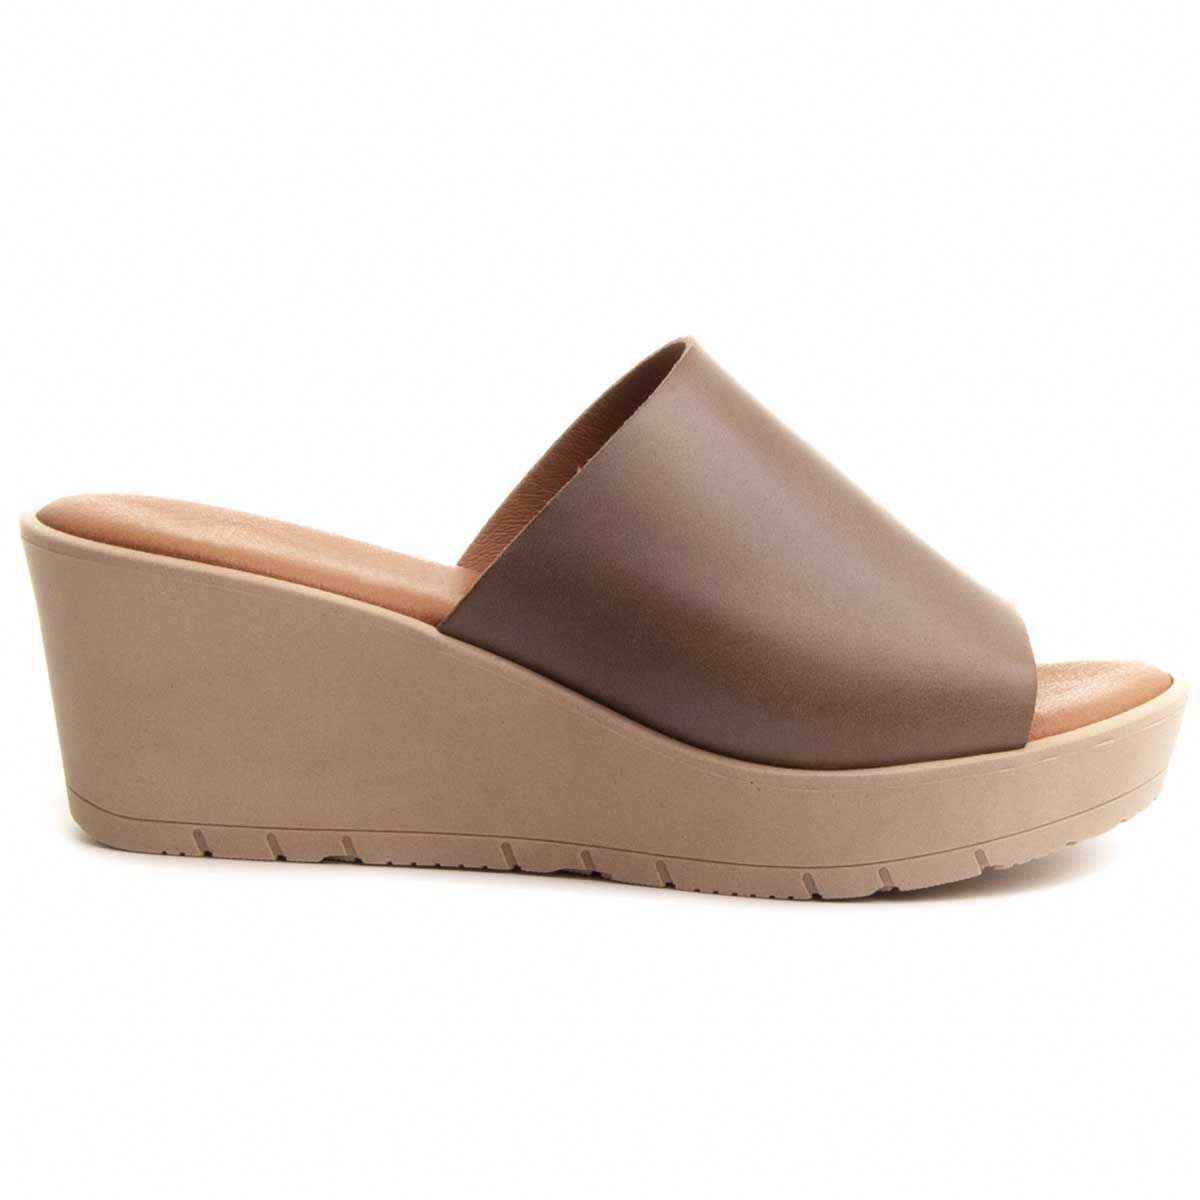 Purapiel Wedge Sandal in Brown